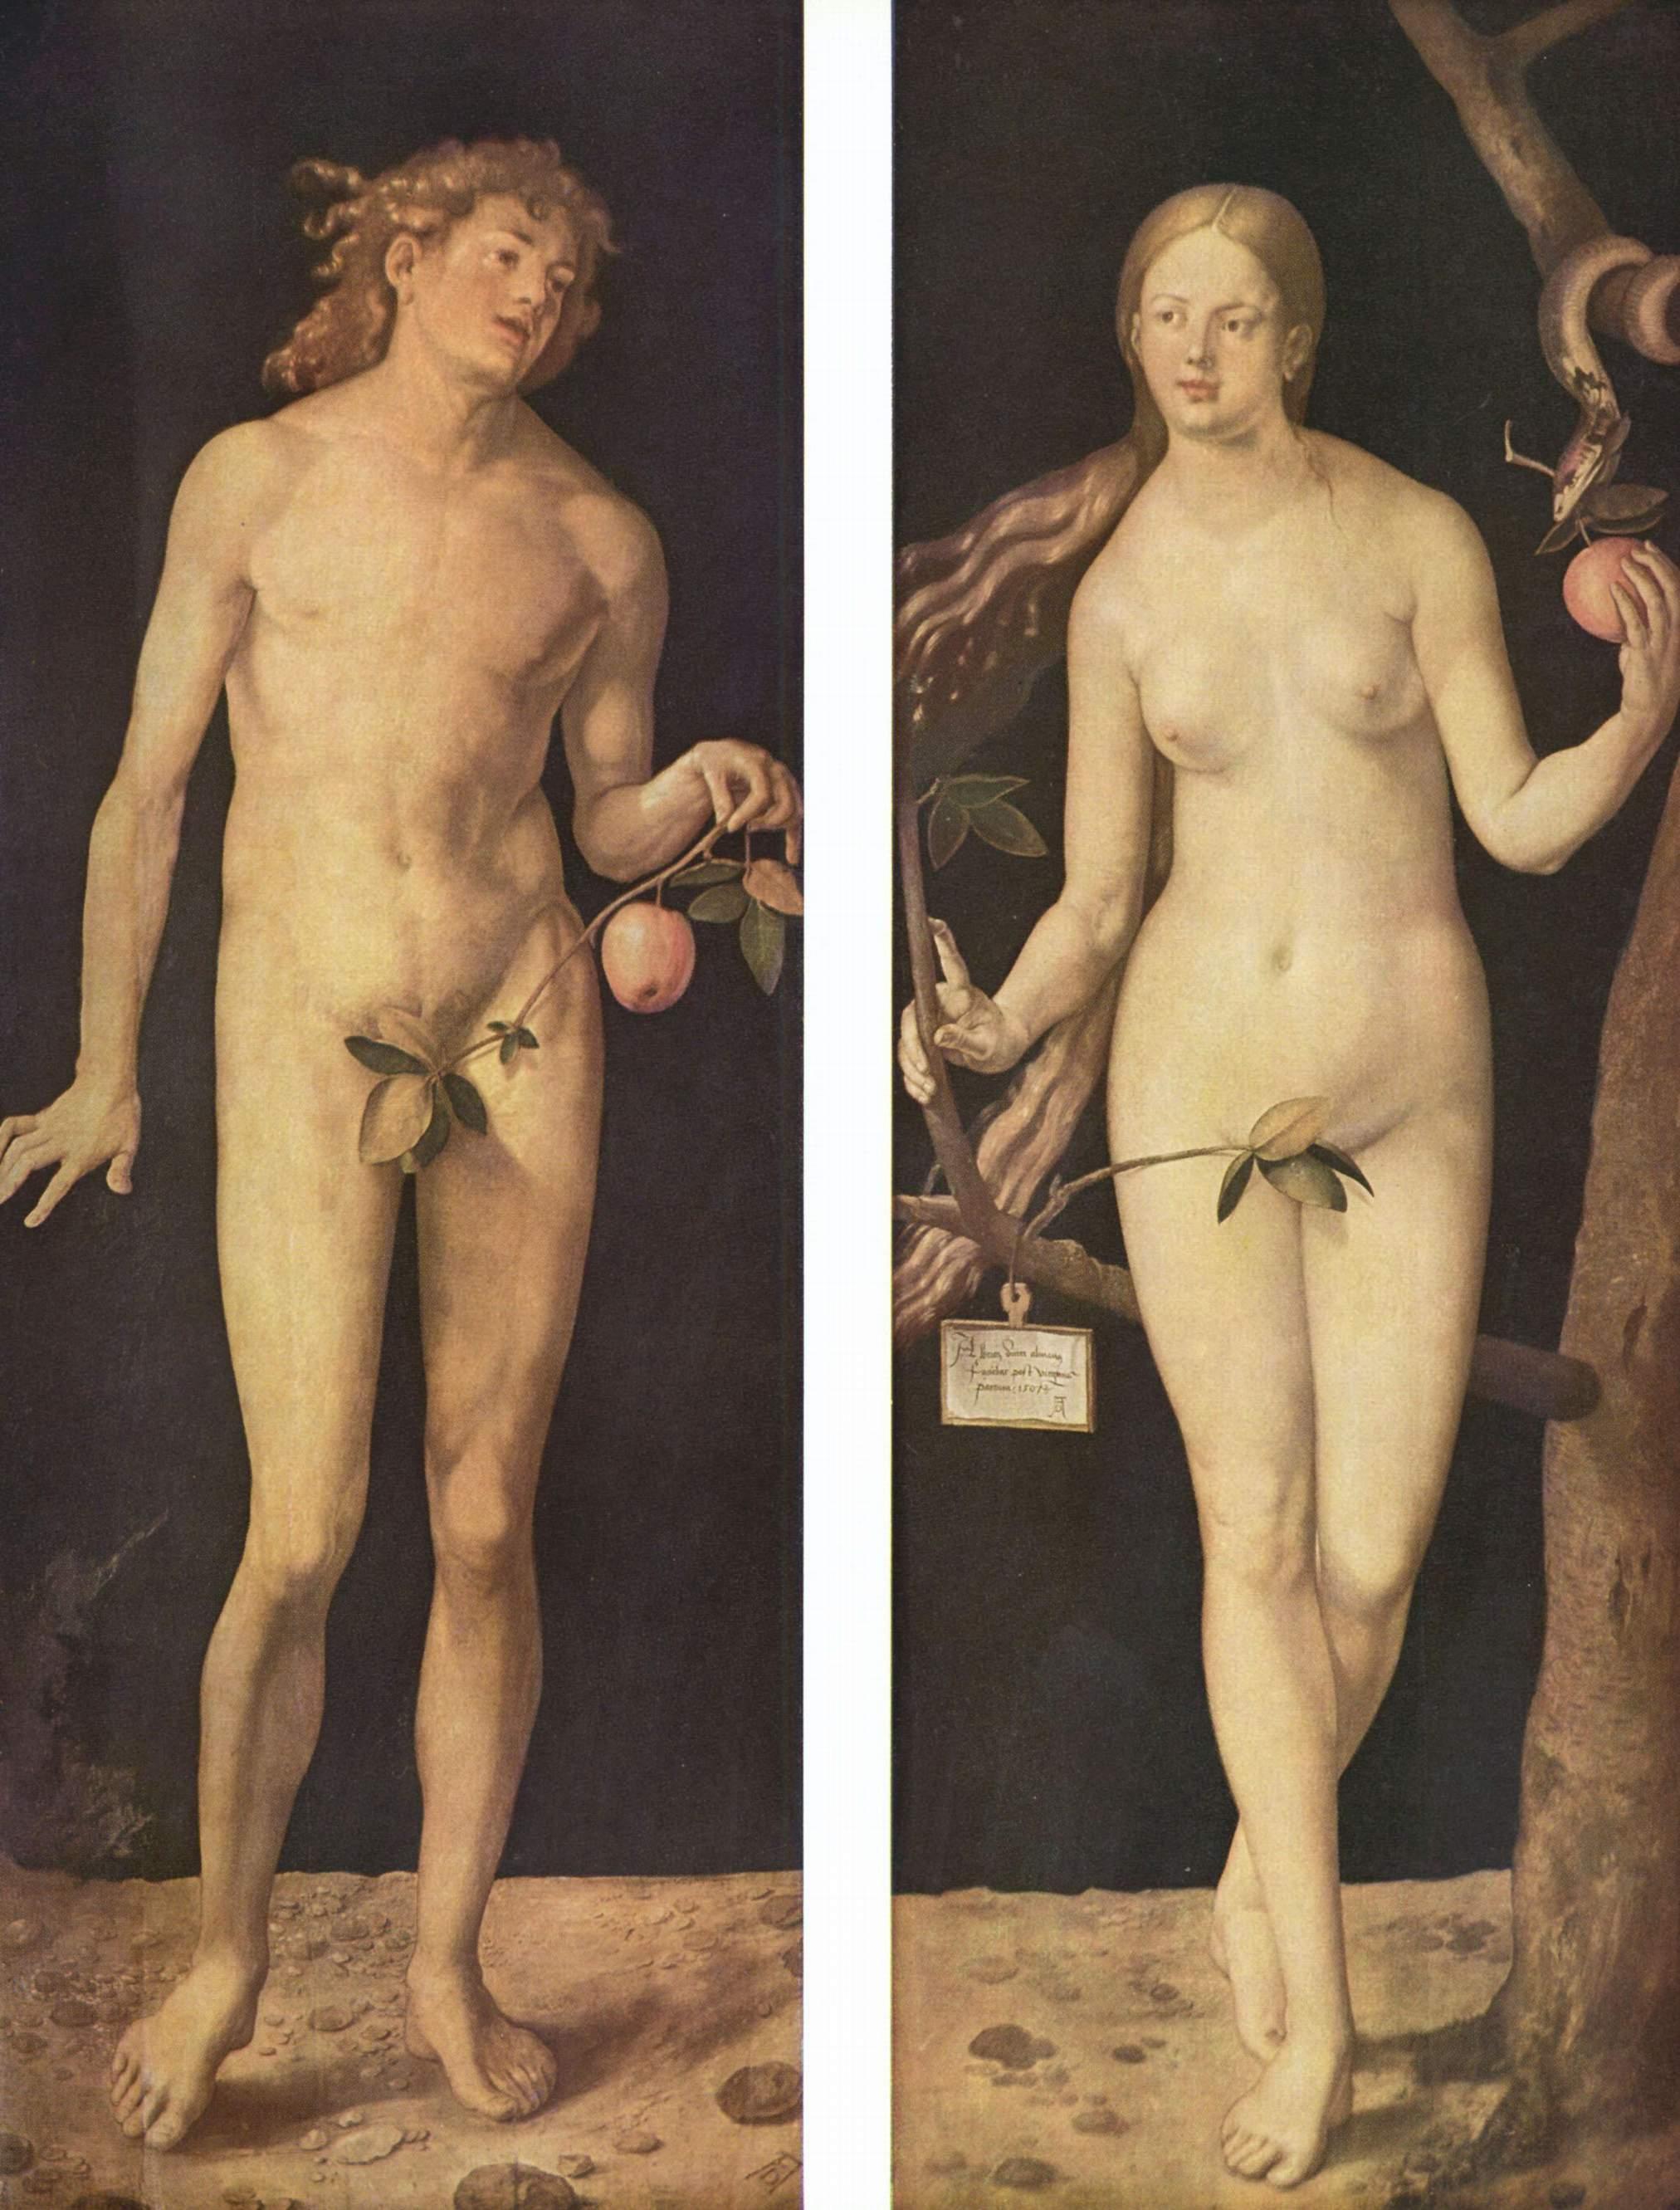 Адам и Ева. Диптих Альбрехта Дюрера, 1507